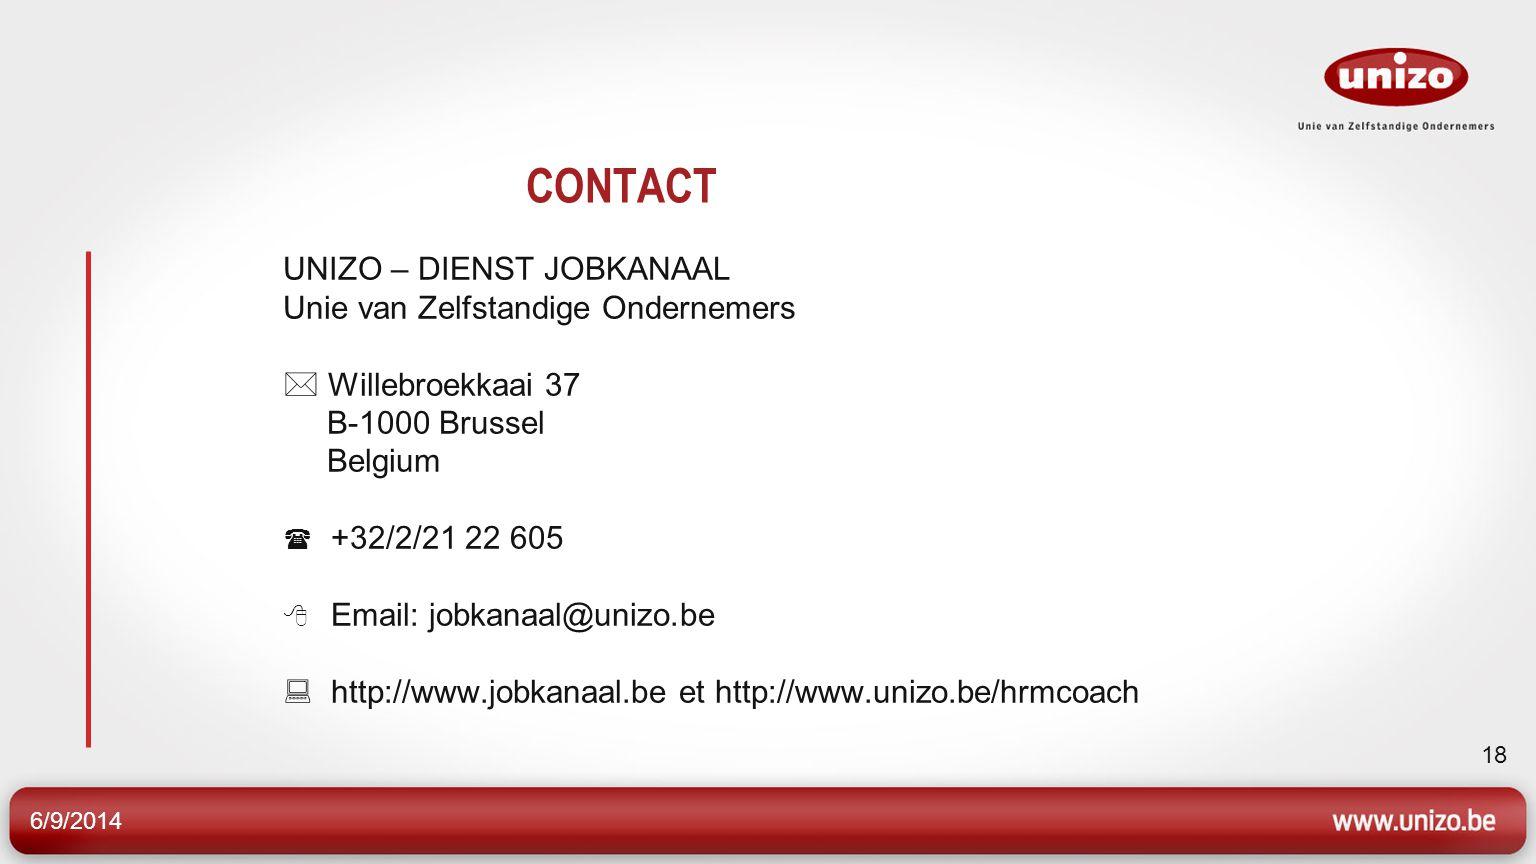 6/9/2014 18 CONTACT UNIZO – DIENST JOBKANAAL Unie van Zelfstandige Ondernemers Willebroekkaai 37 B-1000 Brussel Belgium +32/2/21 22 605 Email: jobkana